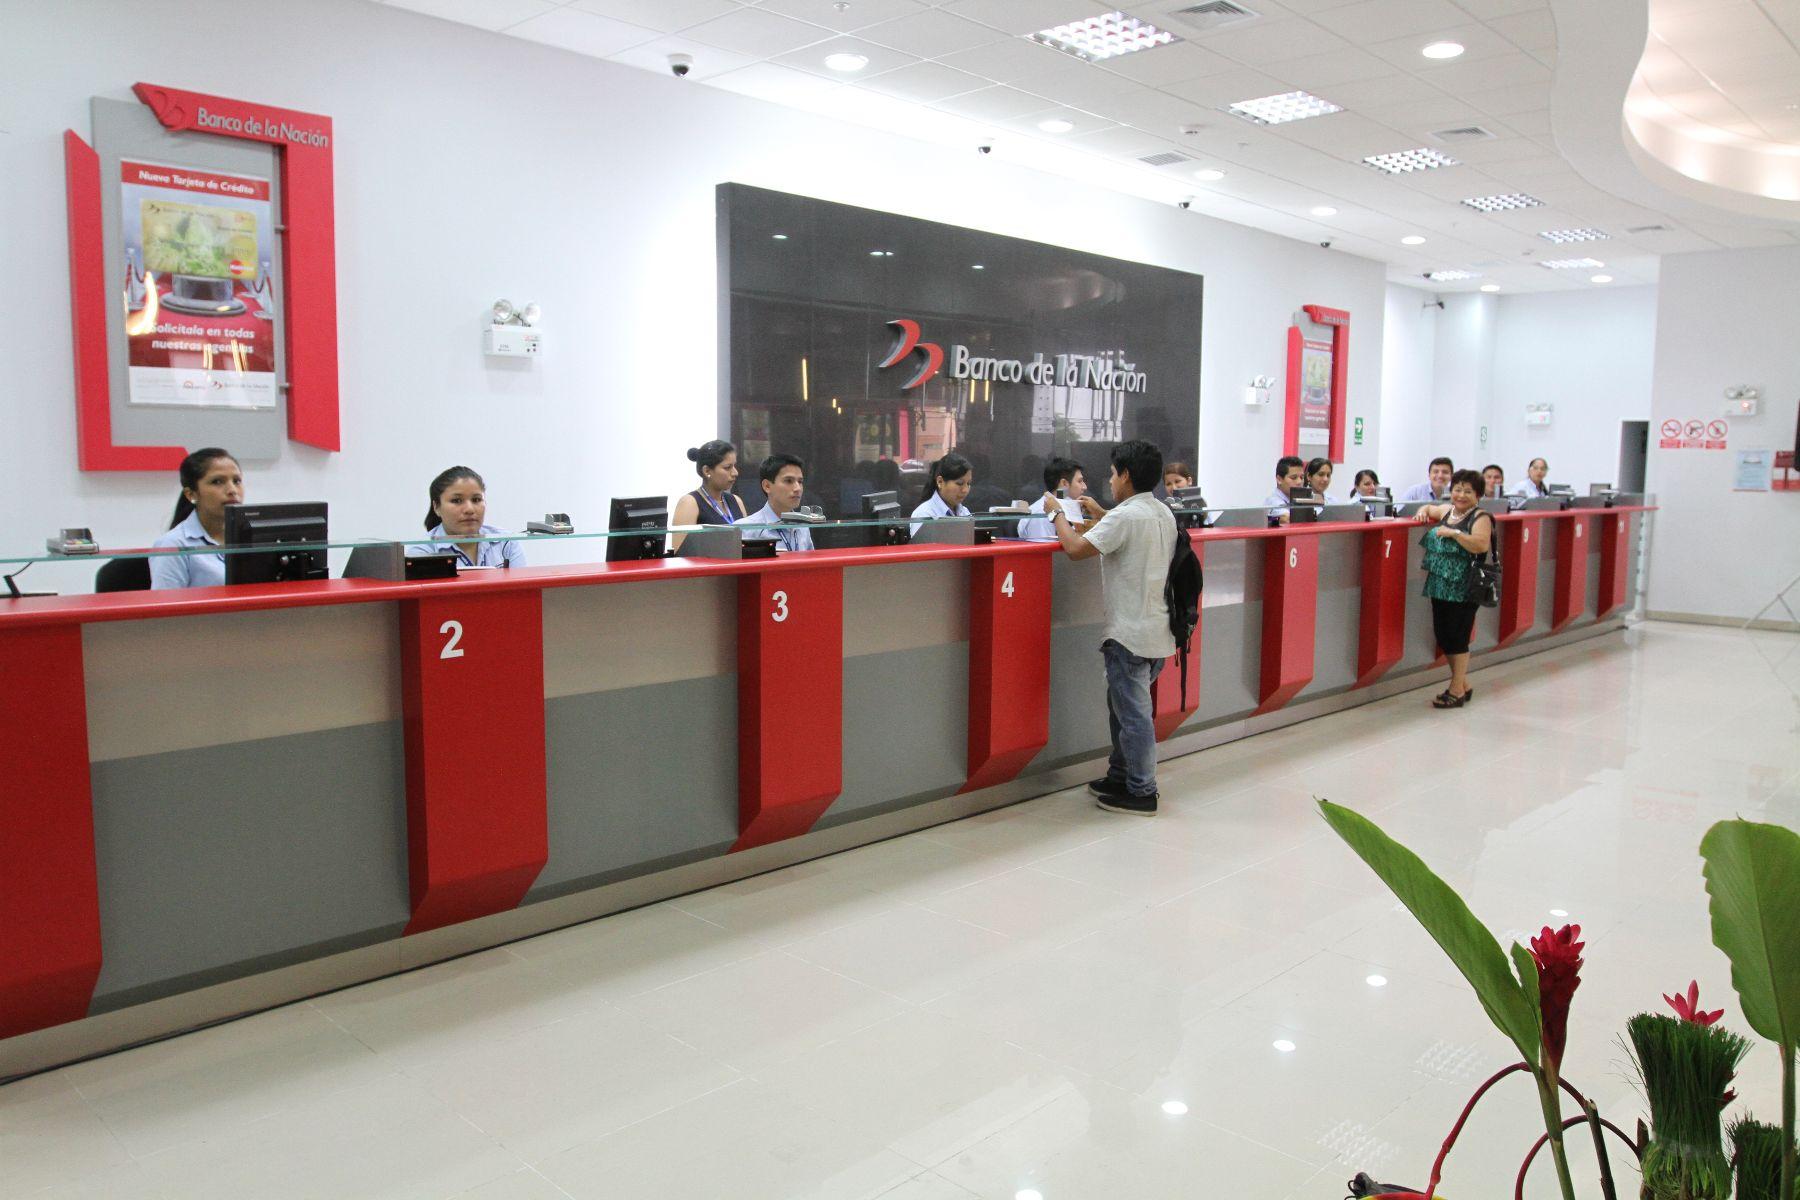 Banco de la naci n abre agencia y oficina especial en for Oficinas de banco financiero